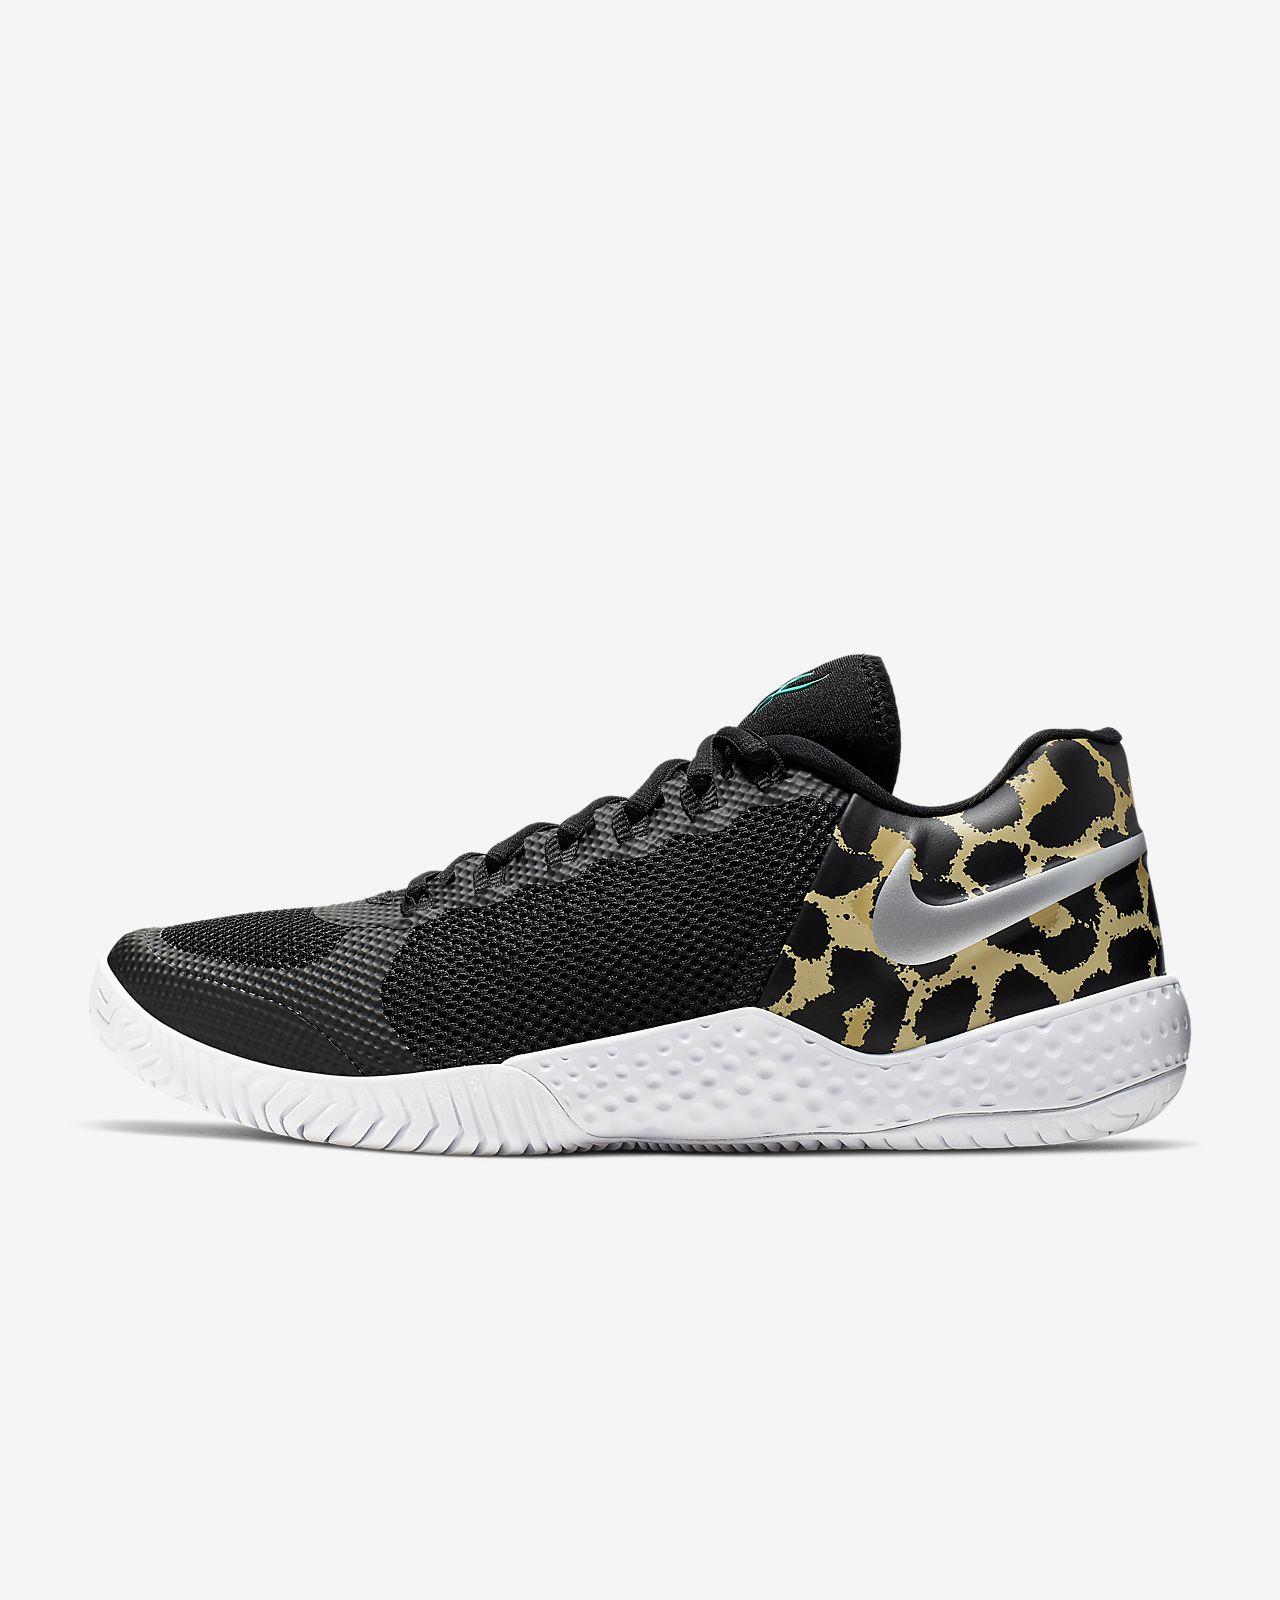 NikeCourt Flare 2 Sert Kort Kadın Tenis Ayakkabısı